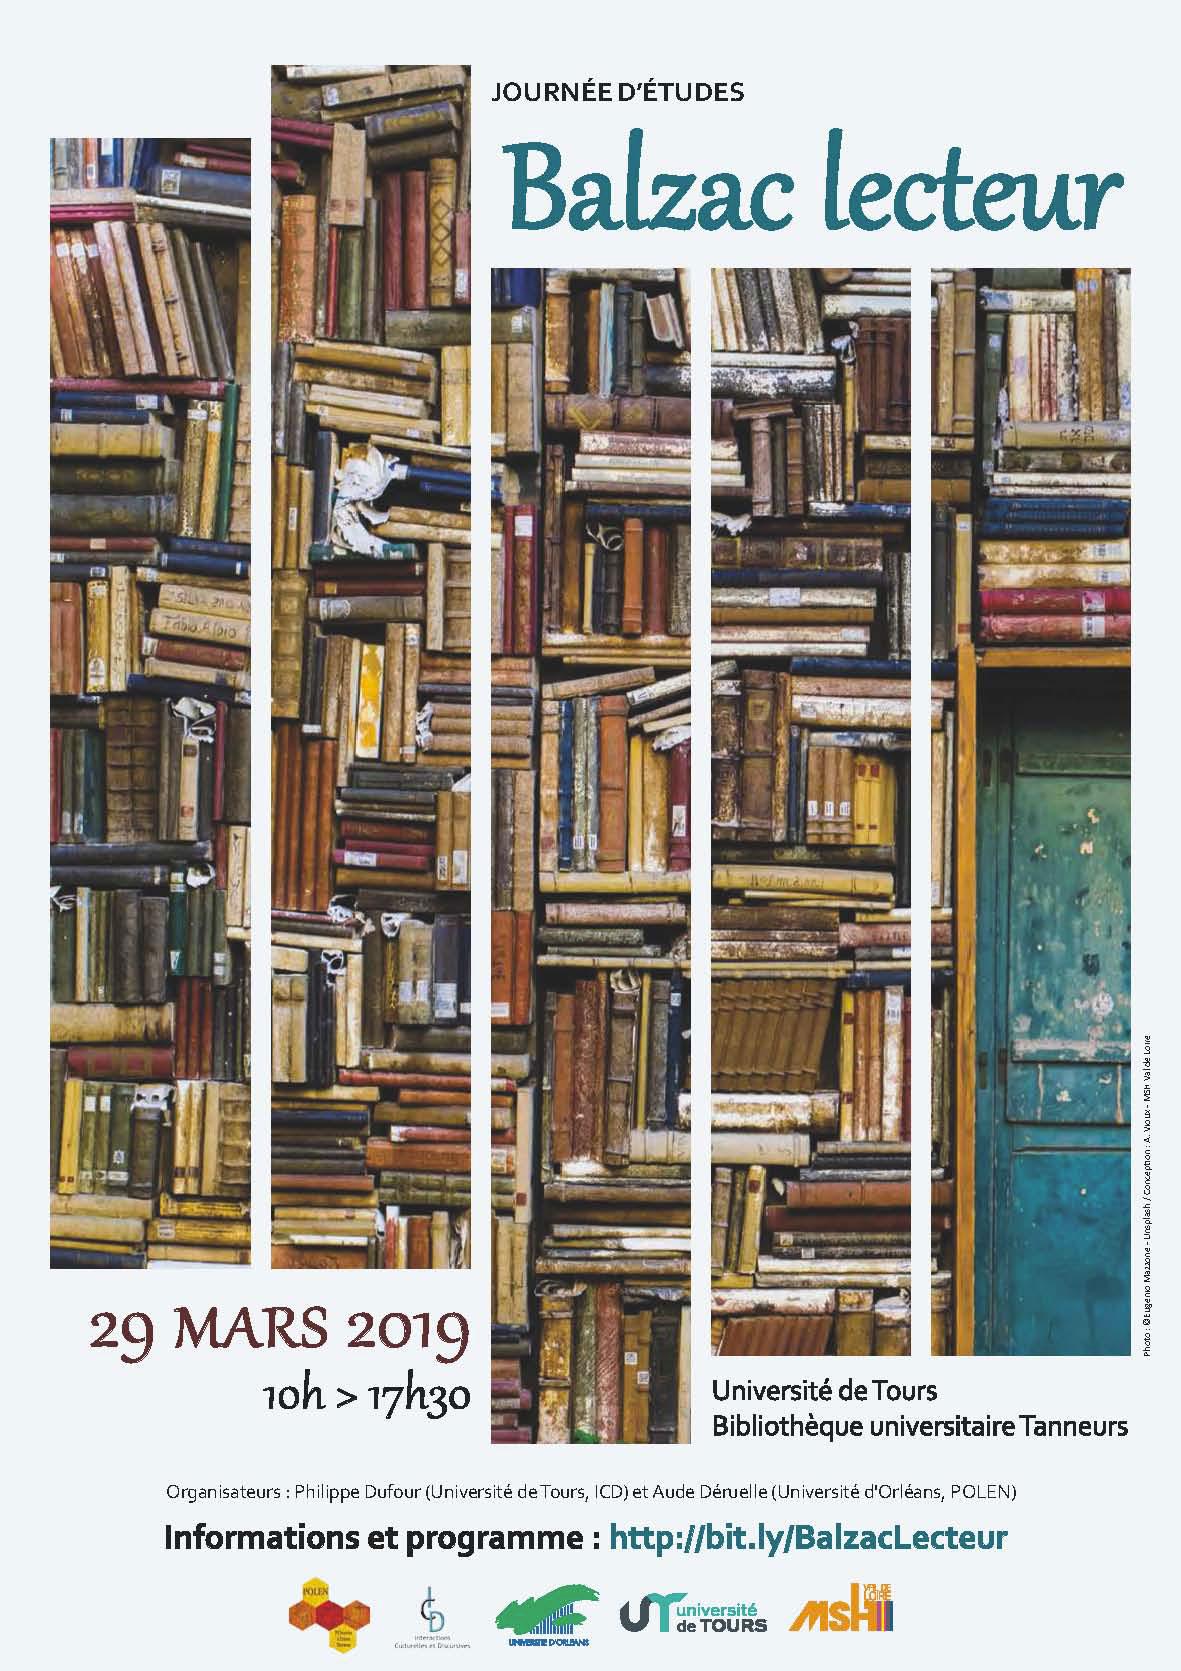 Journée d'études Balzac lecteur